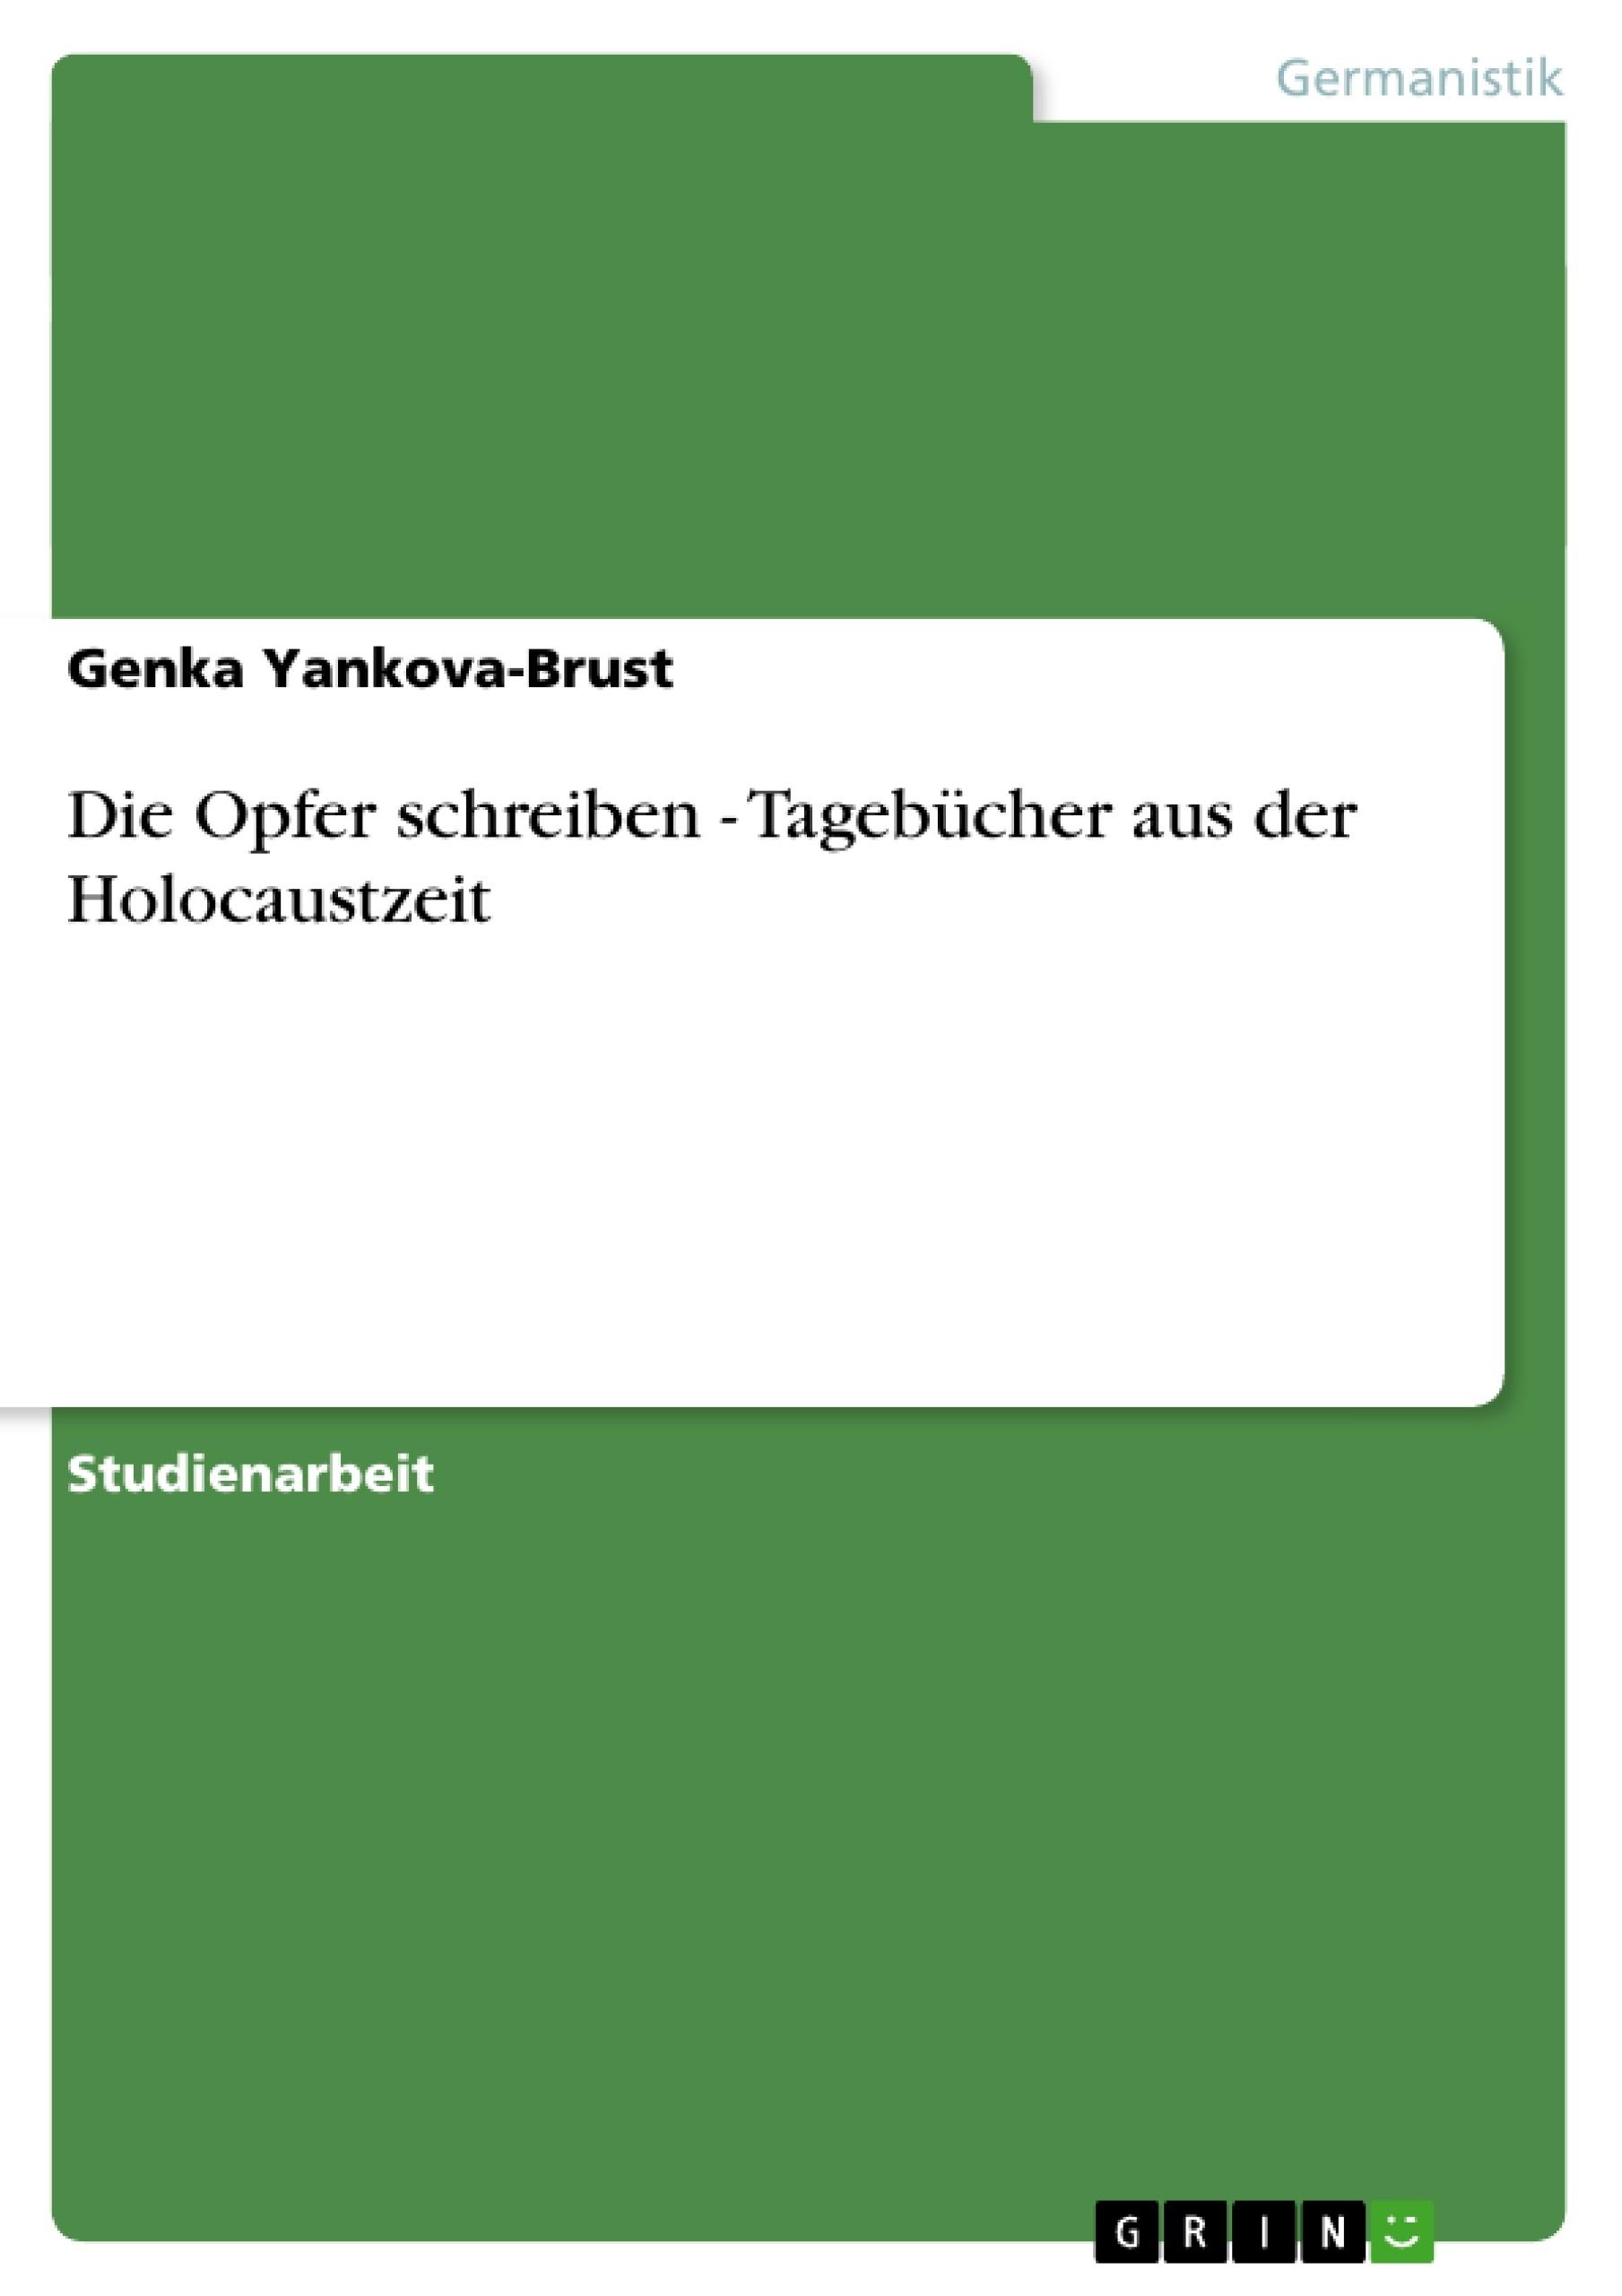 Titel: Die Opfer schreiben - Tagebücher aus der Holocaustzeit